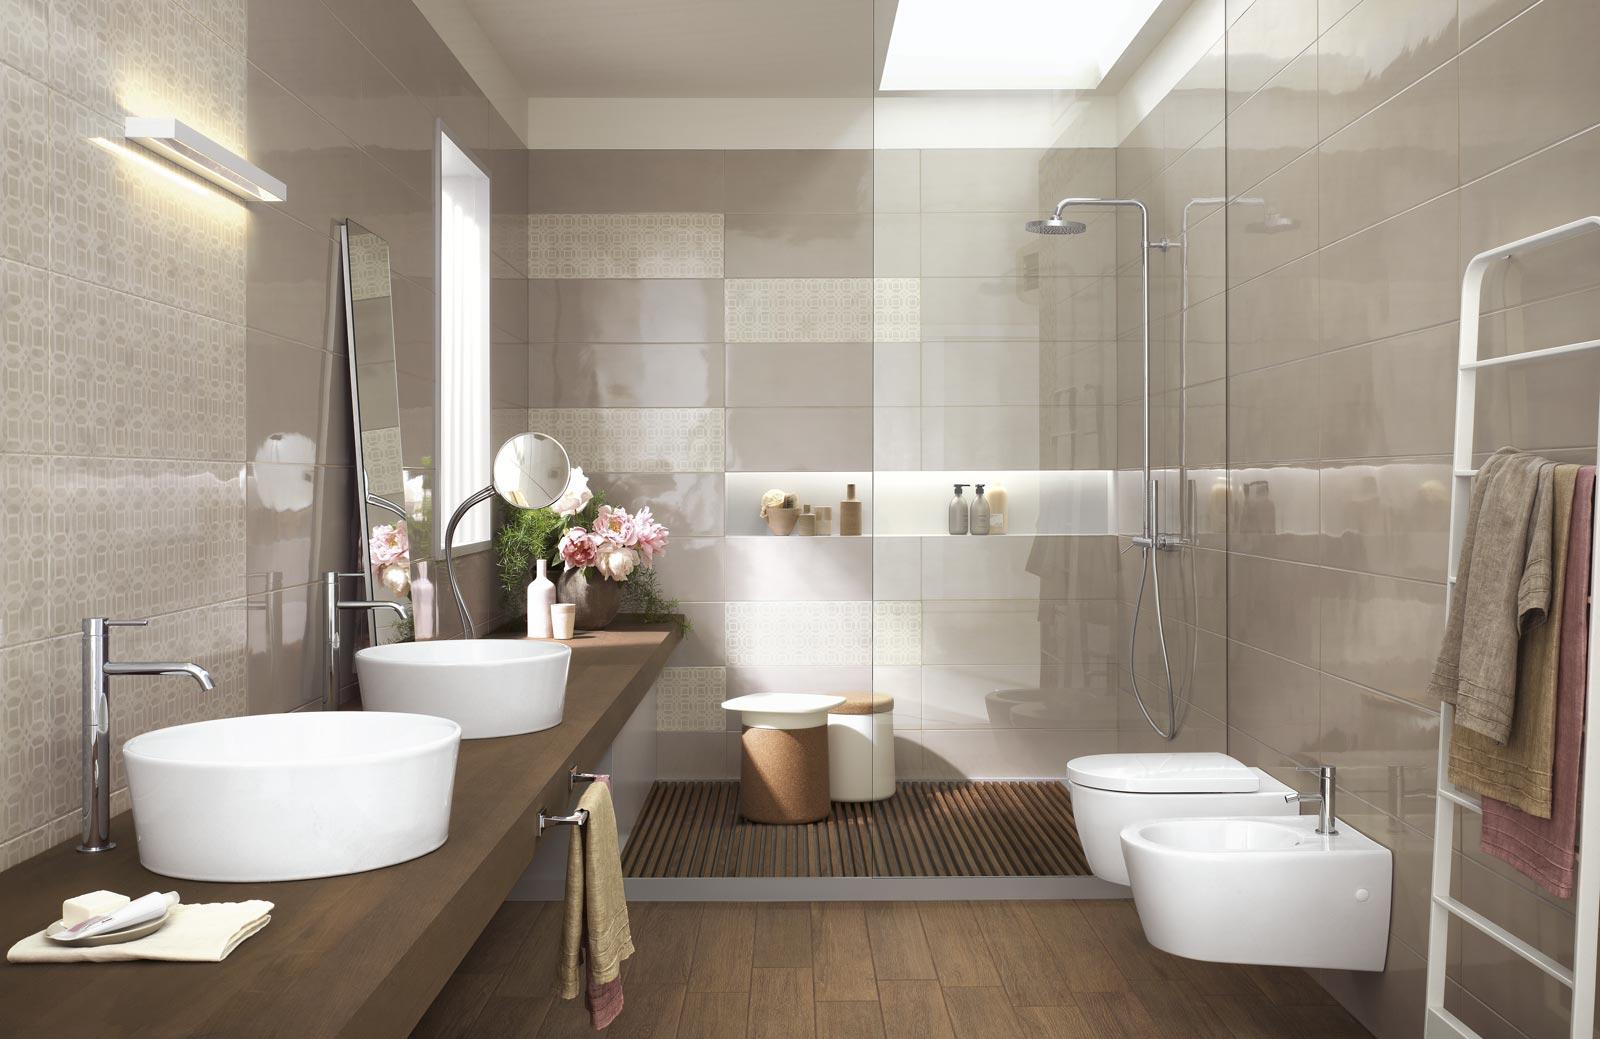 Collezione handmade rivestimenti bagno effetto lucido ragno - Salle de bain blanche et marron ...